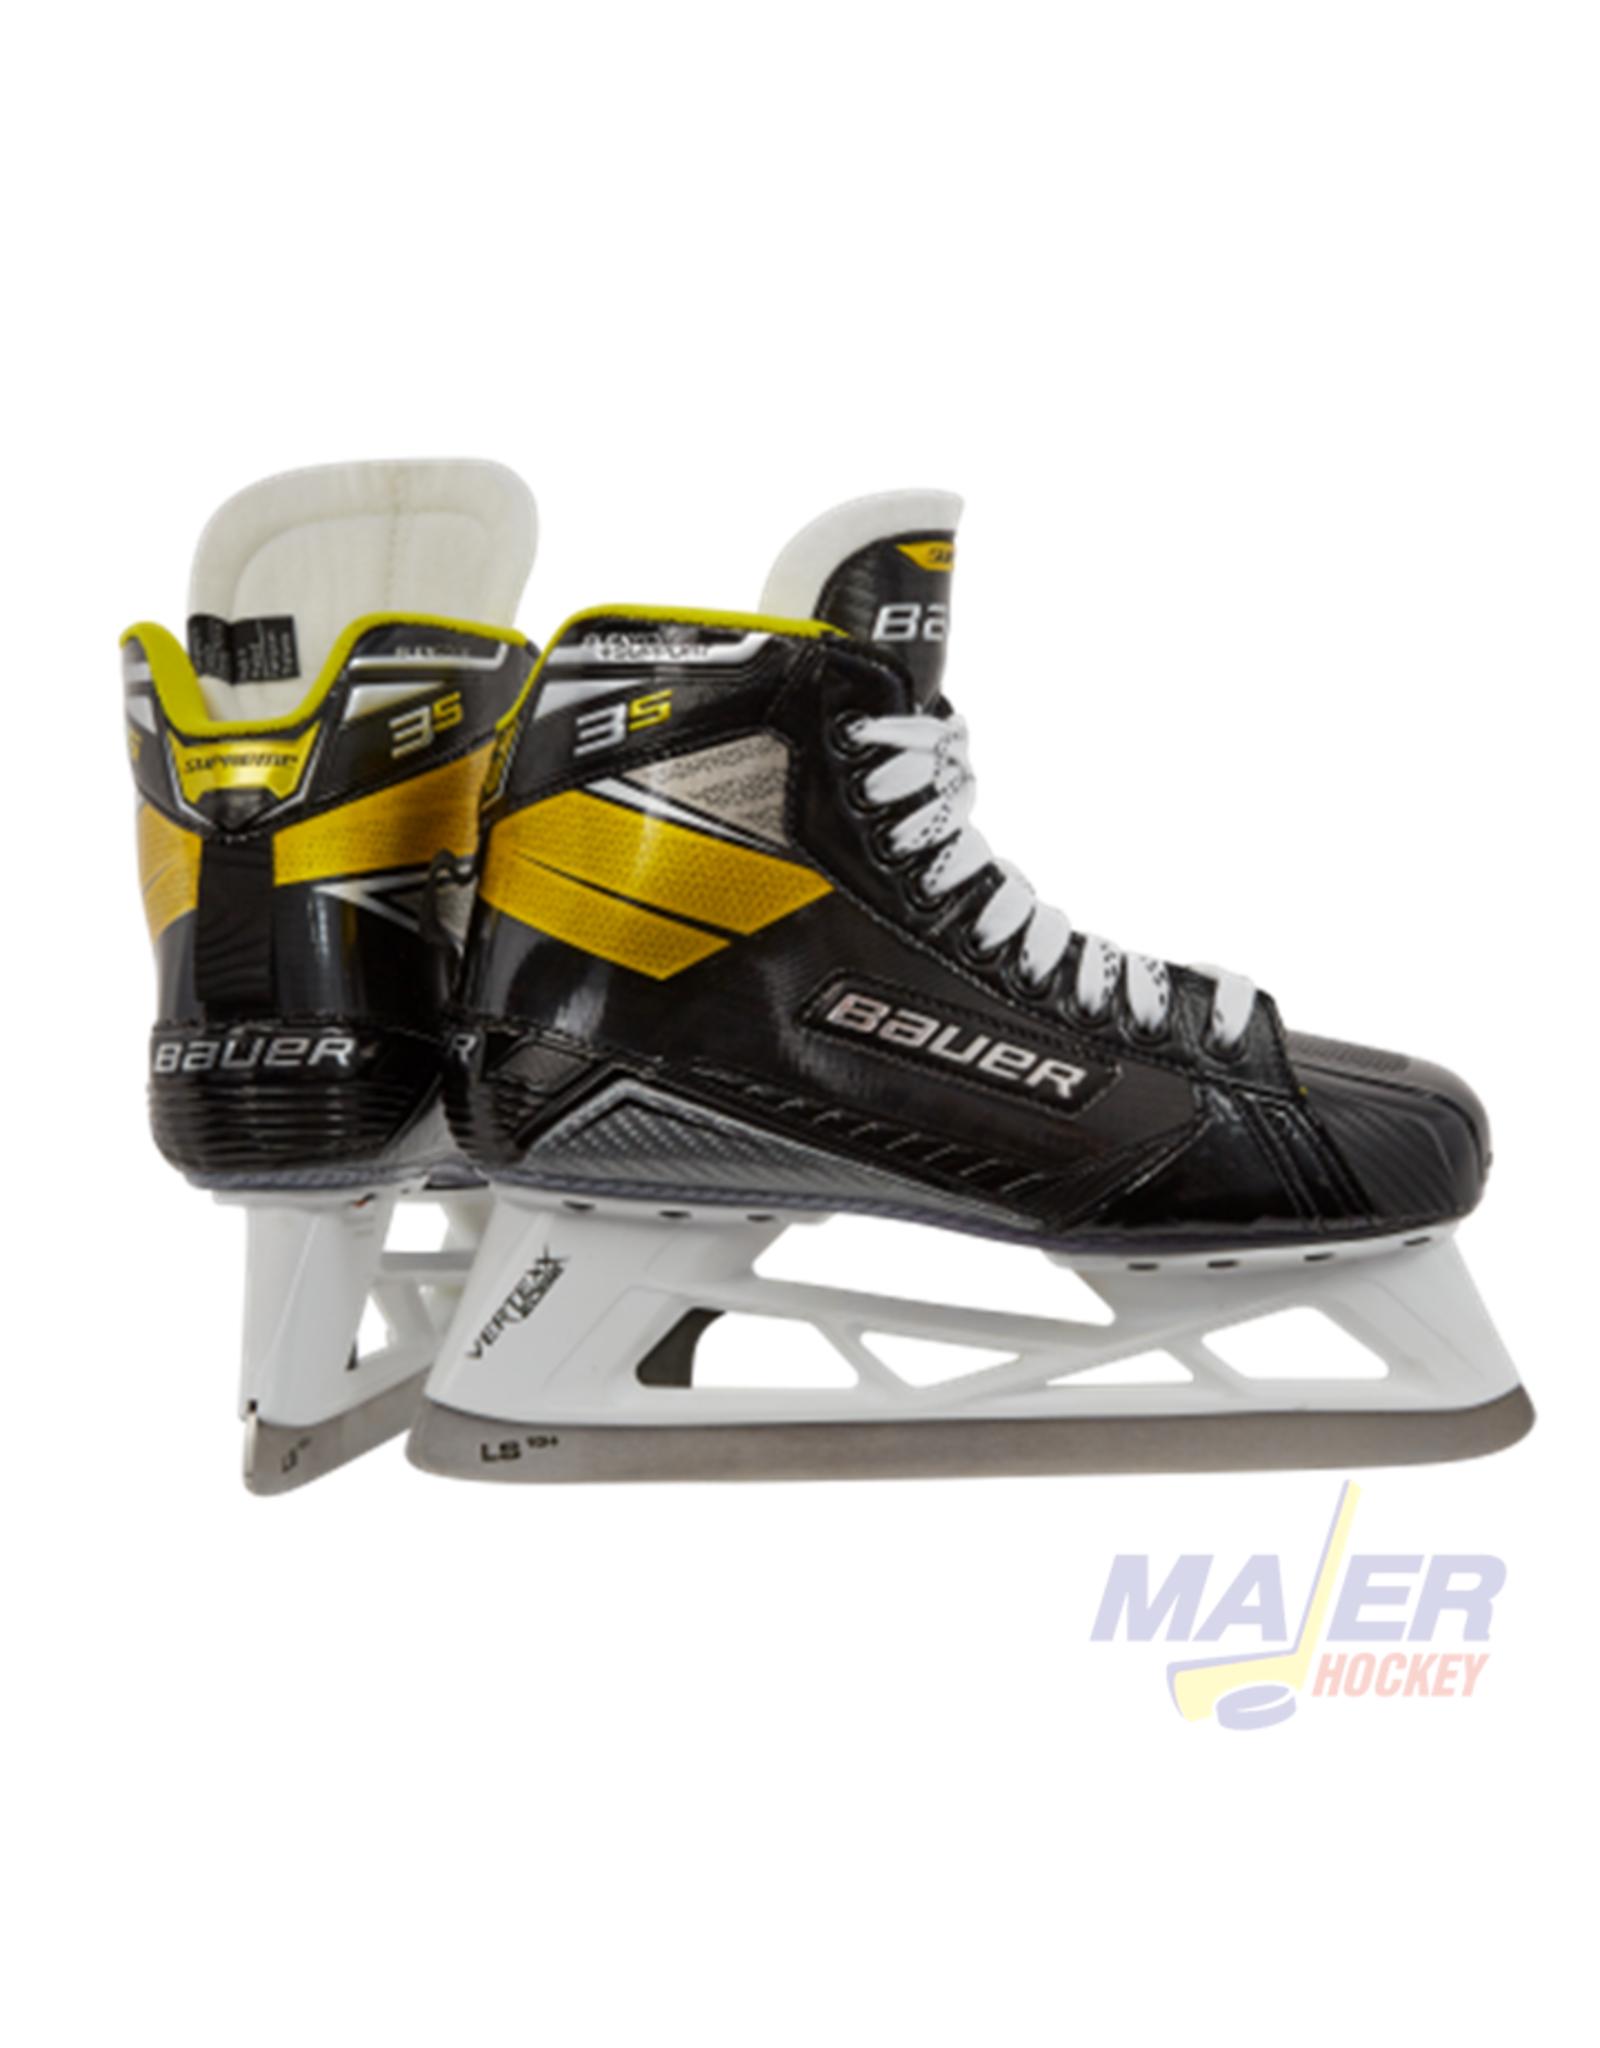 Bauer Supreme 3S Int Goalie Skates